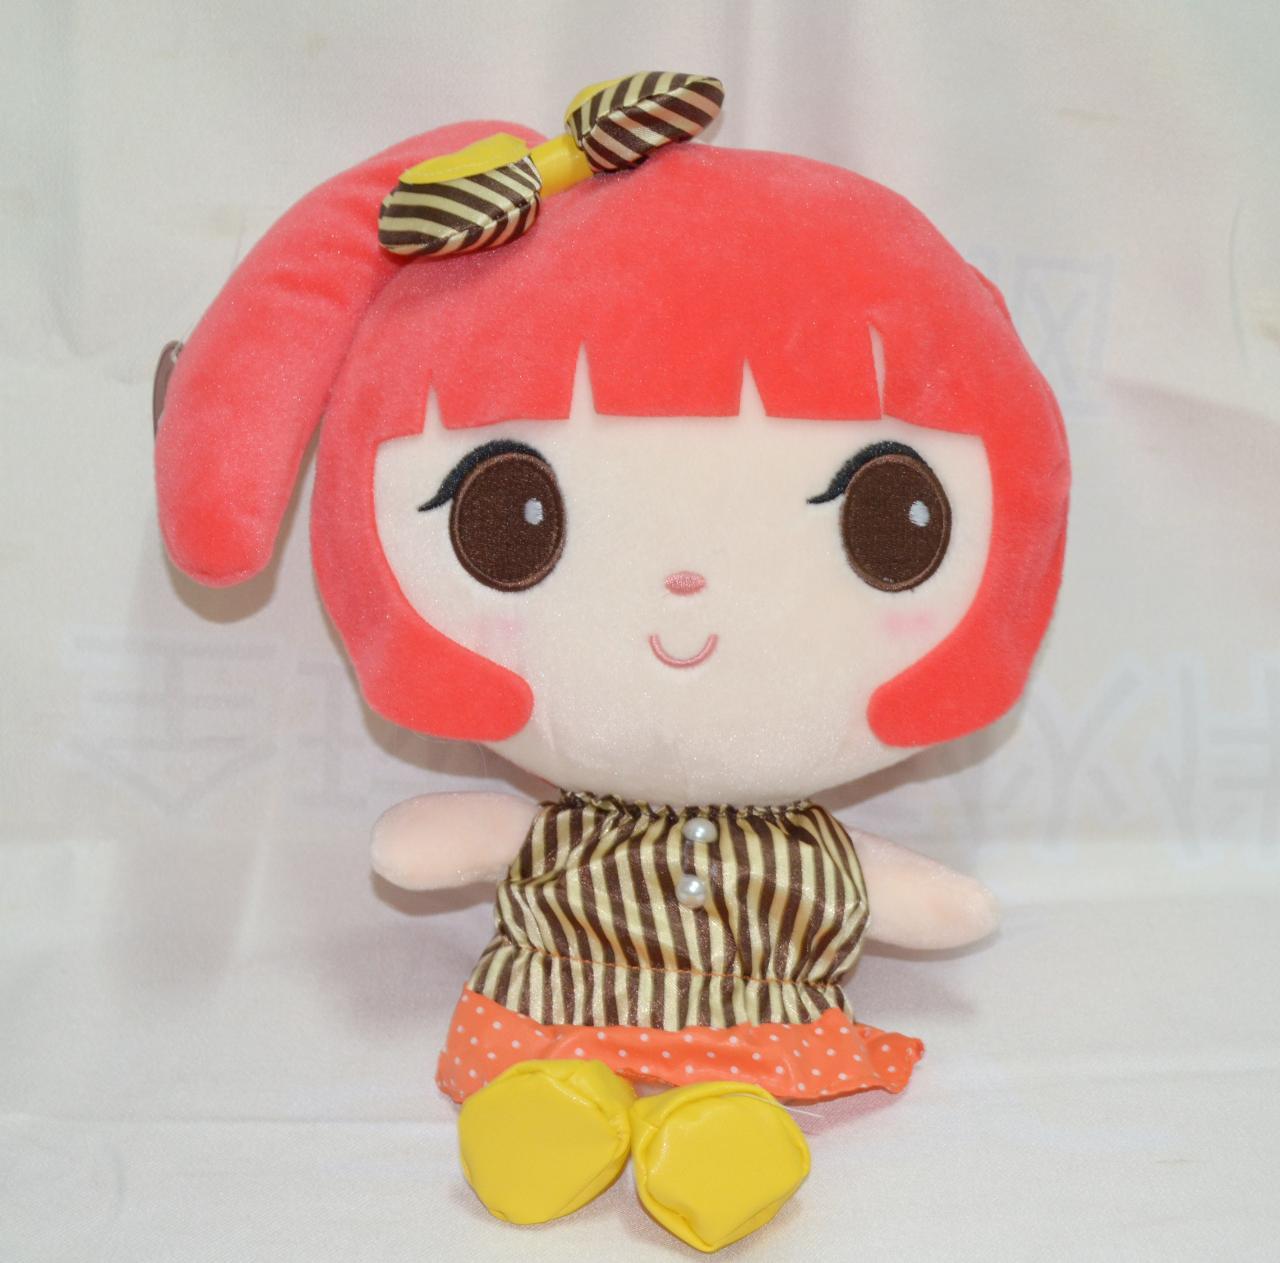 特价可爱娃娃玩偶公仔